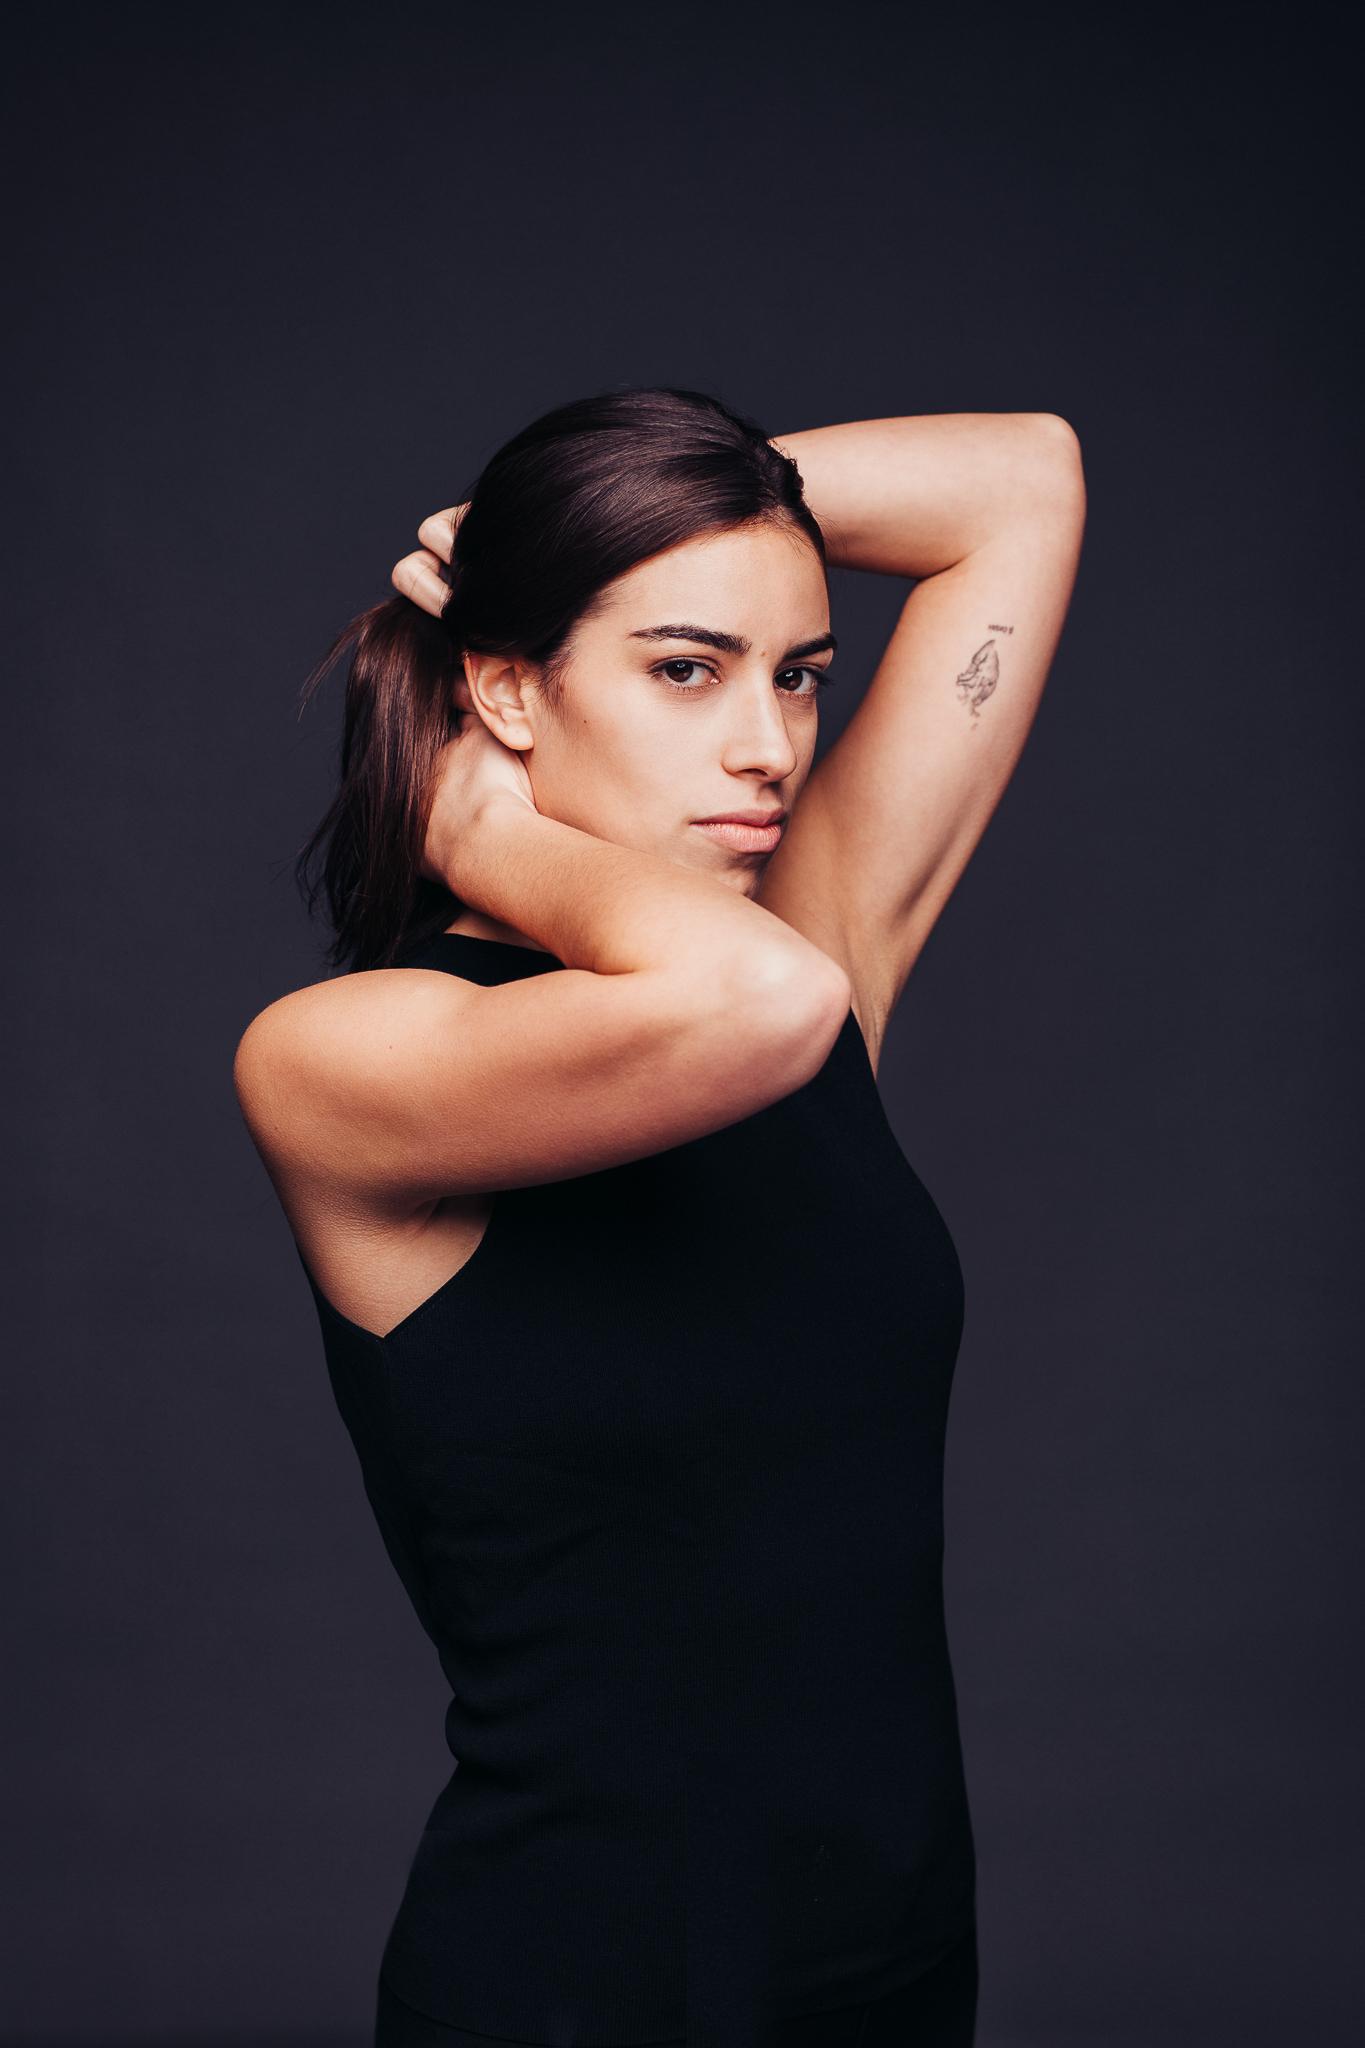 Camila-Pujol-Ochoa-by-HEIN-Photography-06-web.jpg